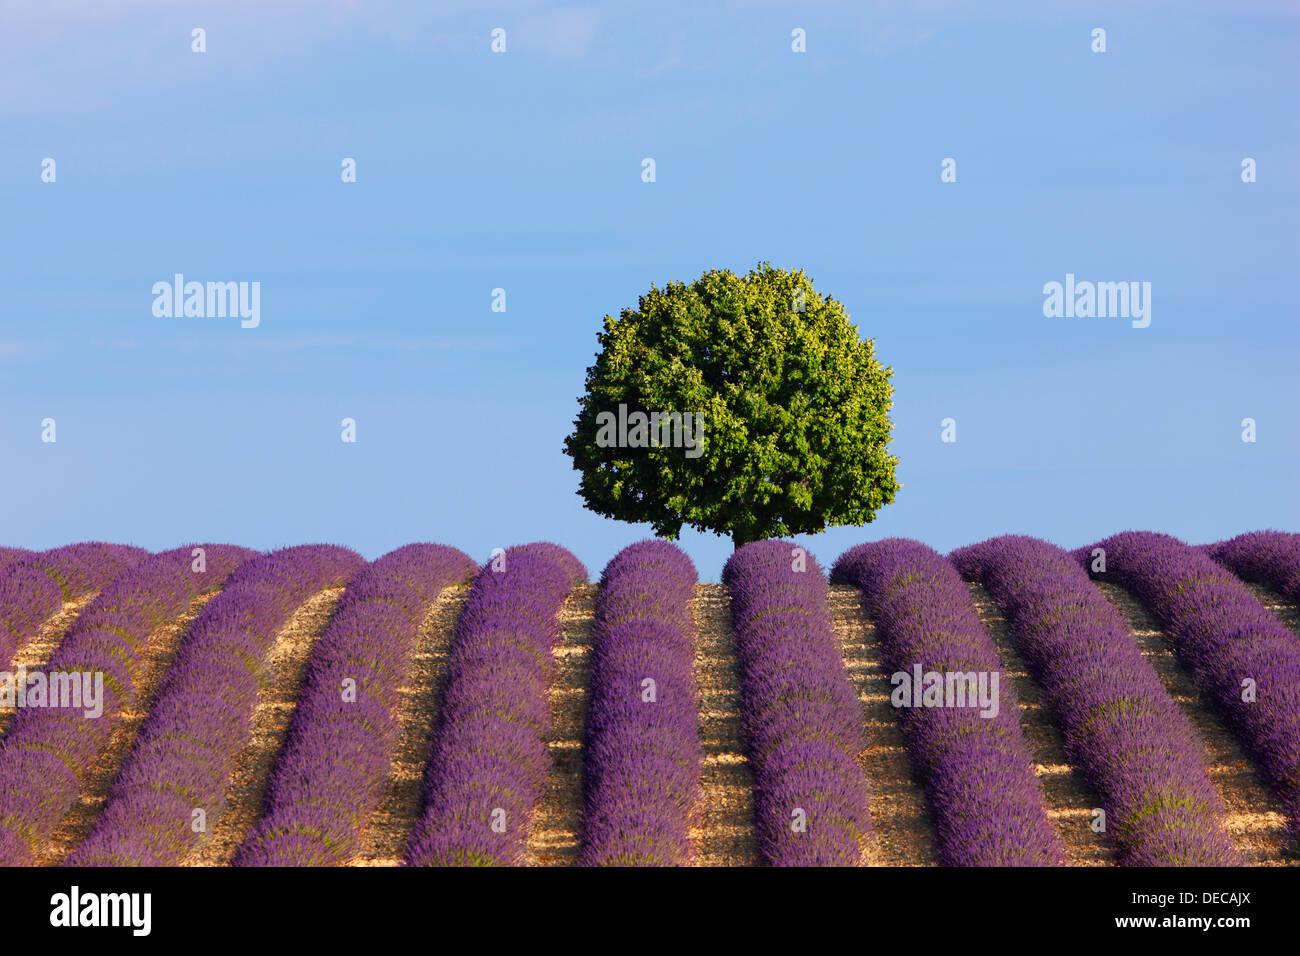 Un árbol en el campo de lavanda Imagen De Stock